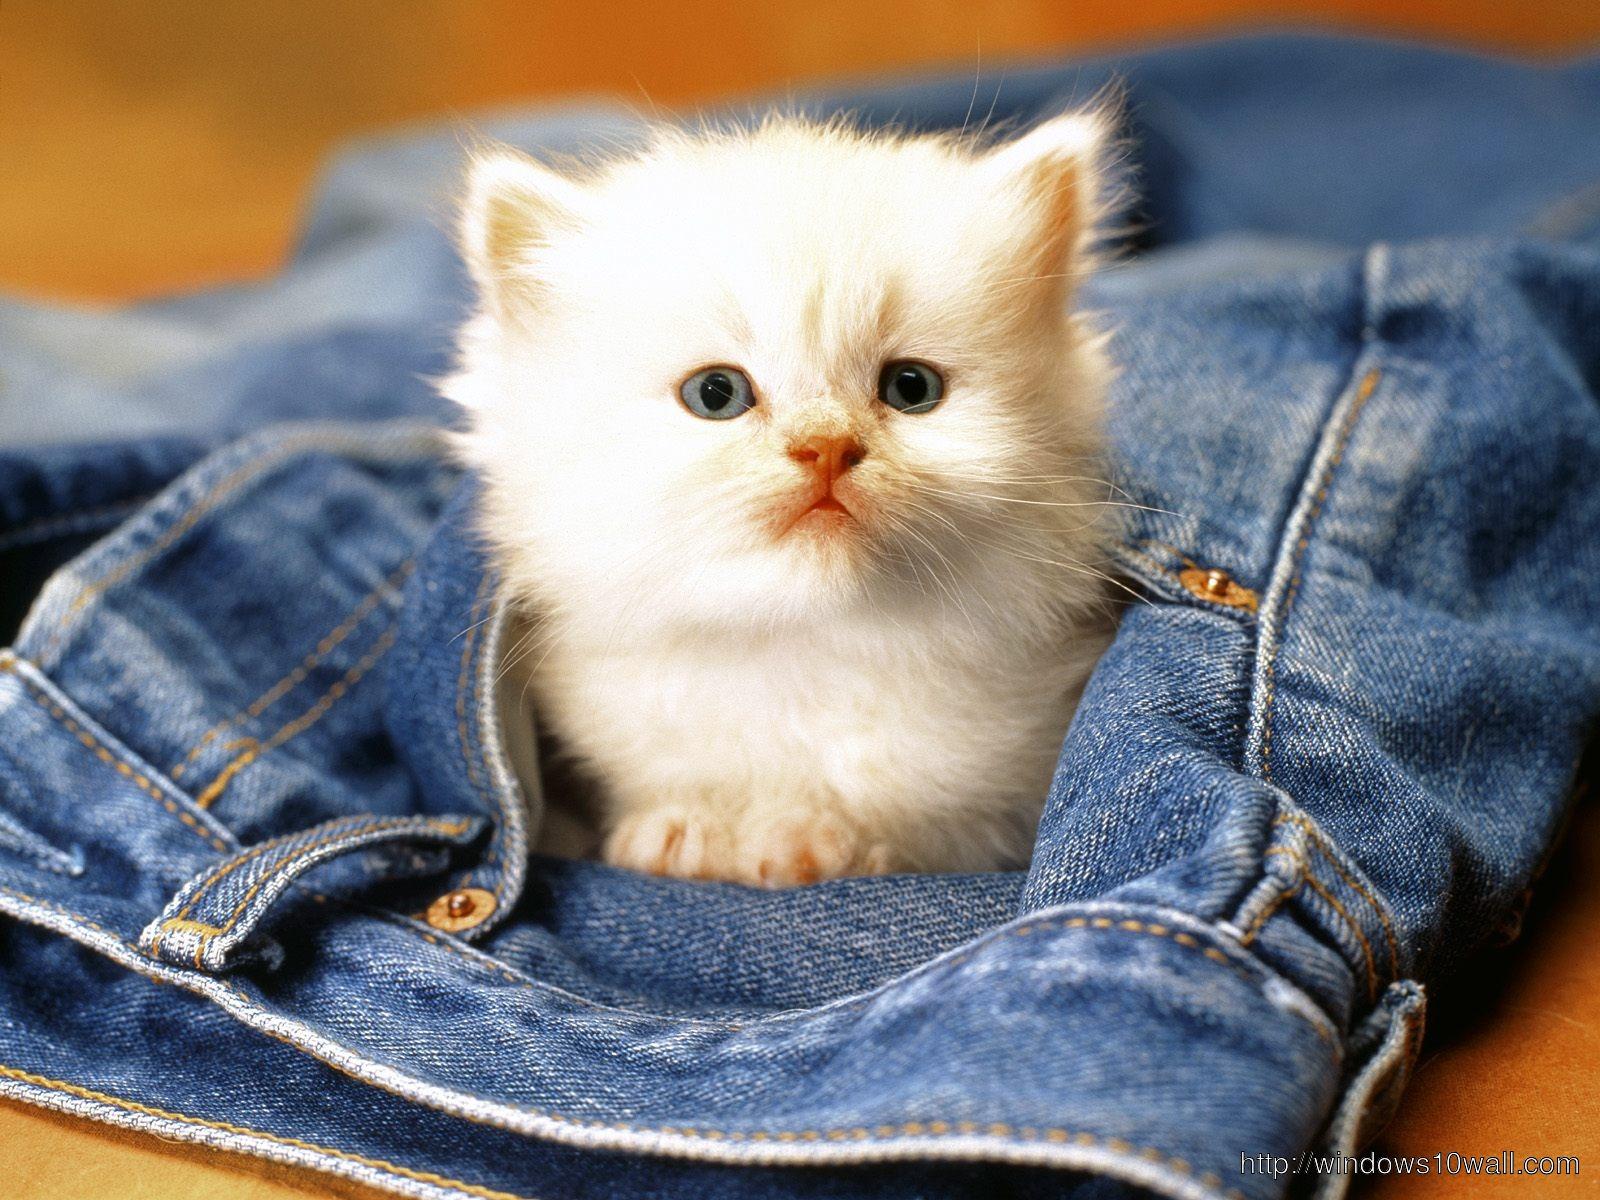 cute cat inside Jeans wallpaper